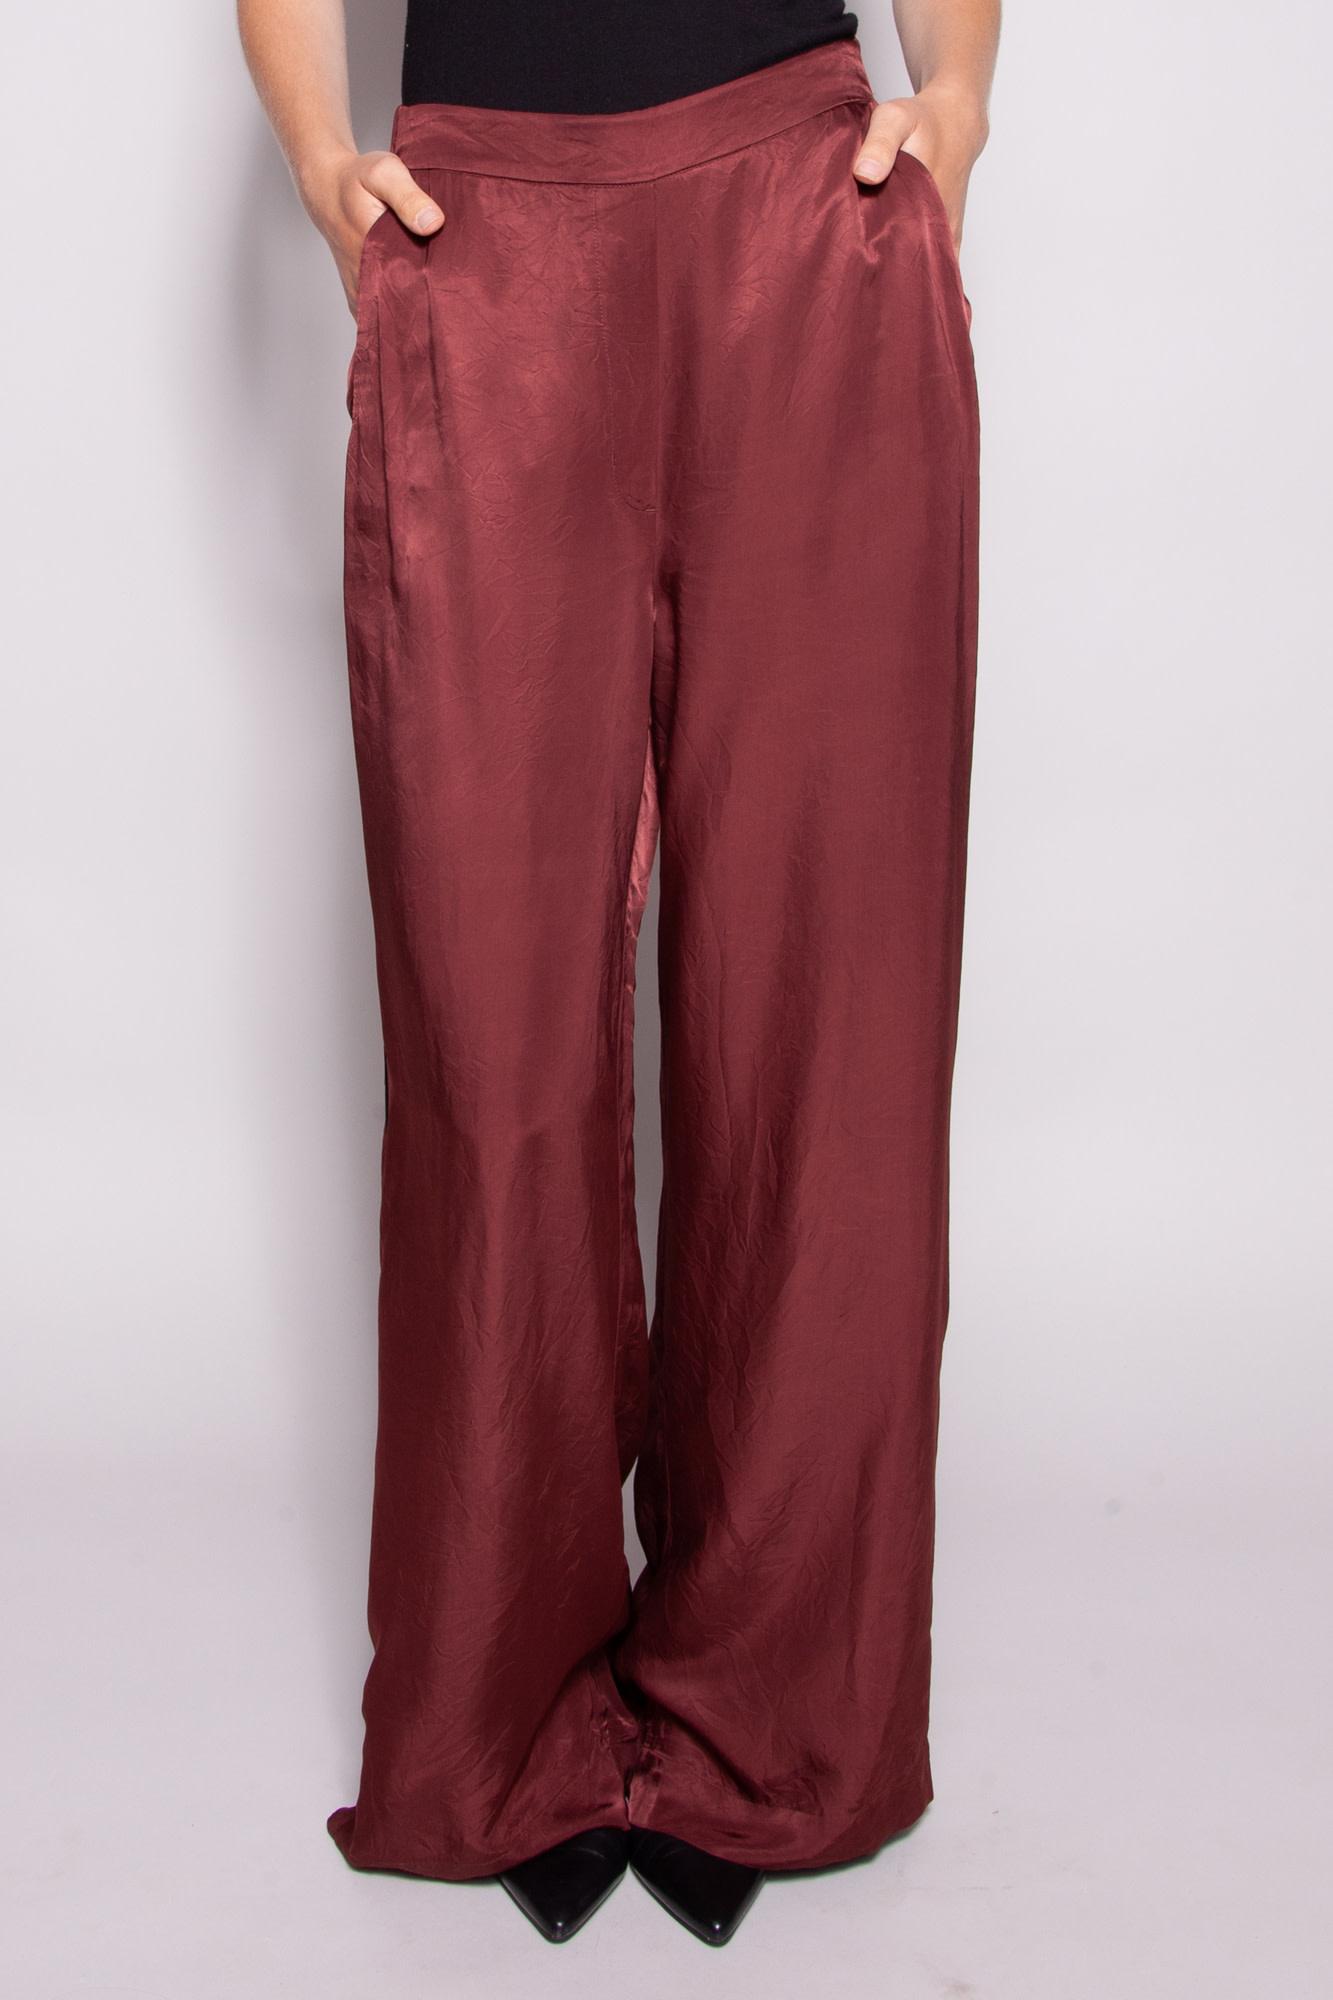 Wilfred BURGUNDY SATIN WIDE LEGS PANTS